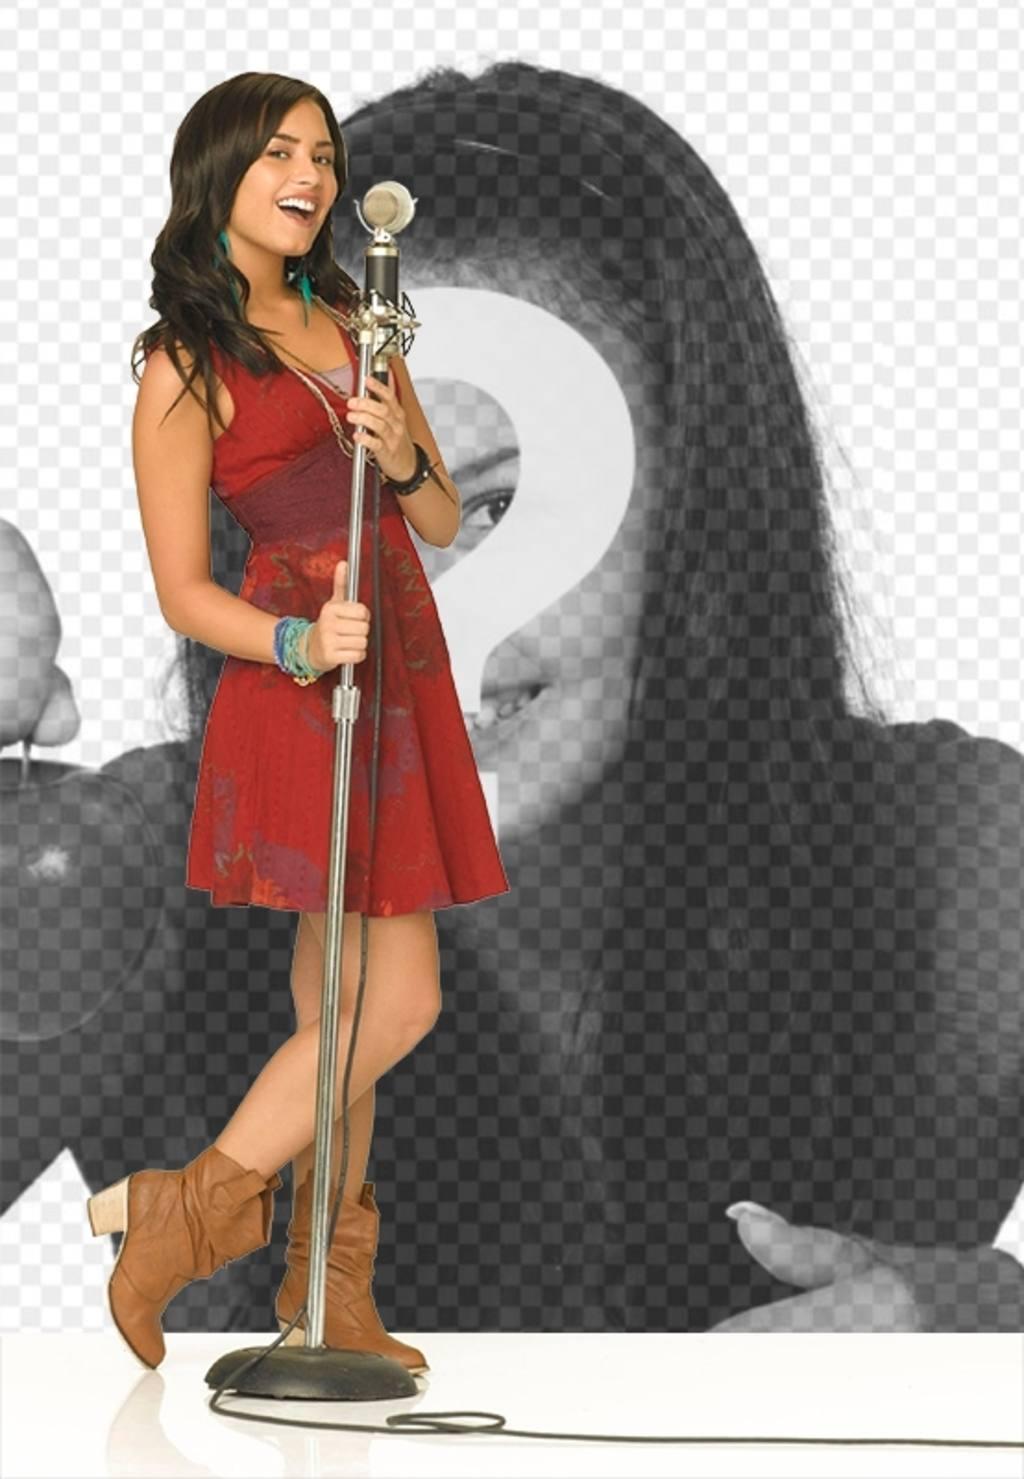 Fotomontagem de Camp Rock 2 com Demi Lovato cantando. Cante junto com Demi